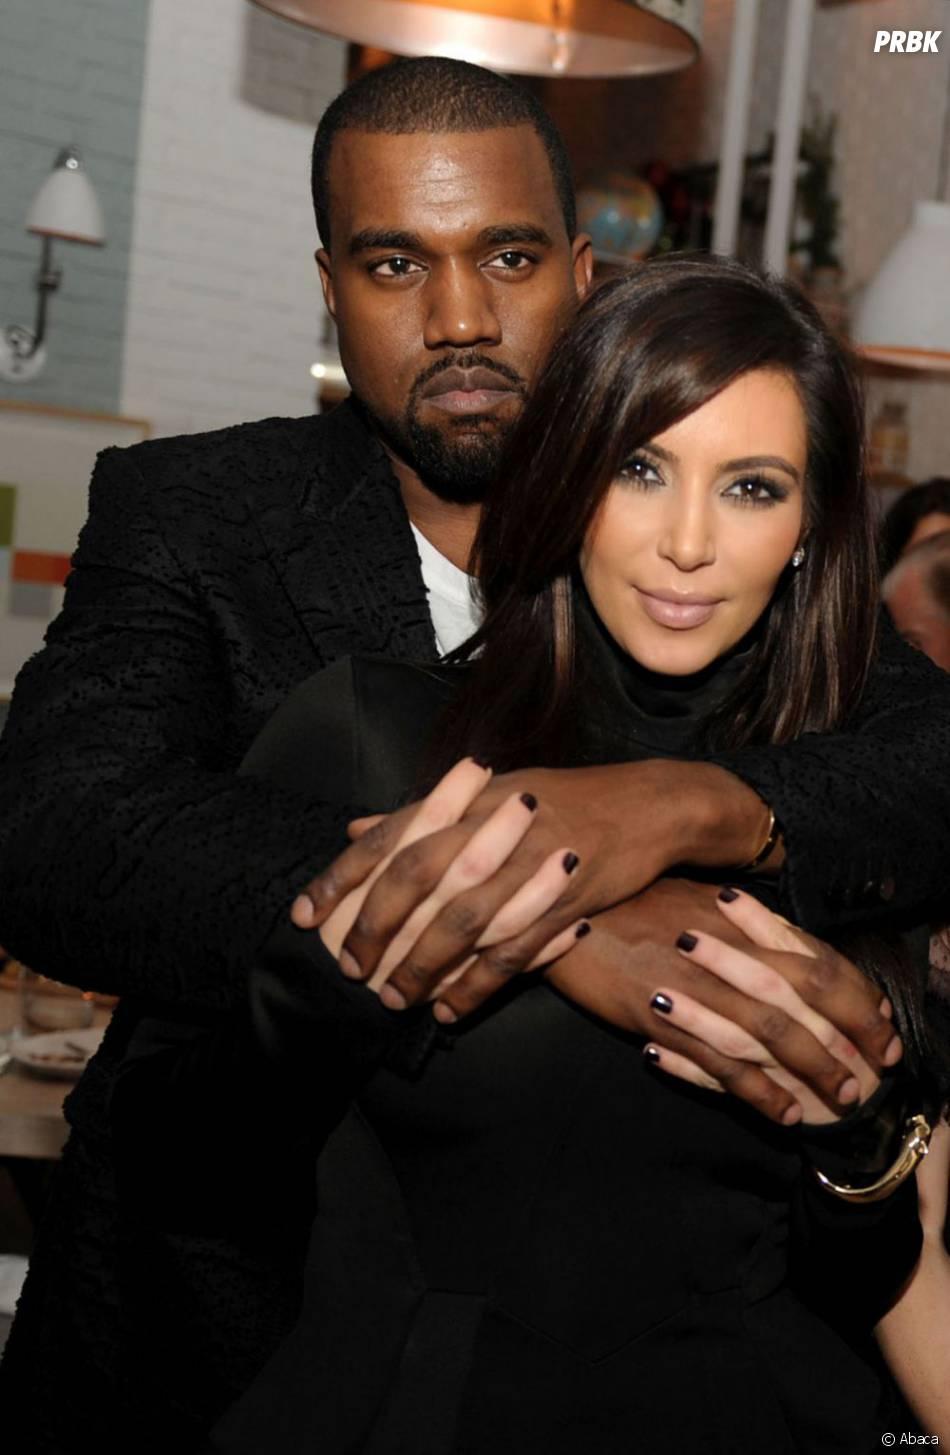 Kim Kardashian et Kanye West vont-ils riposter après les attaques de Ray J ?